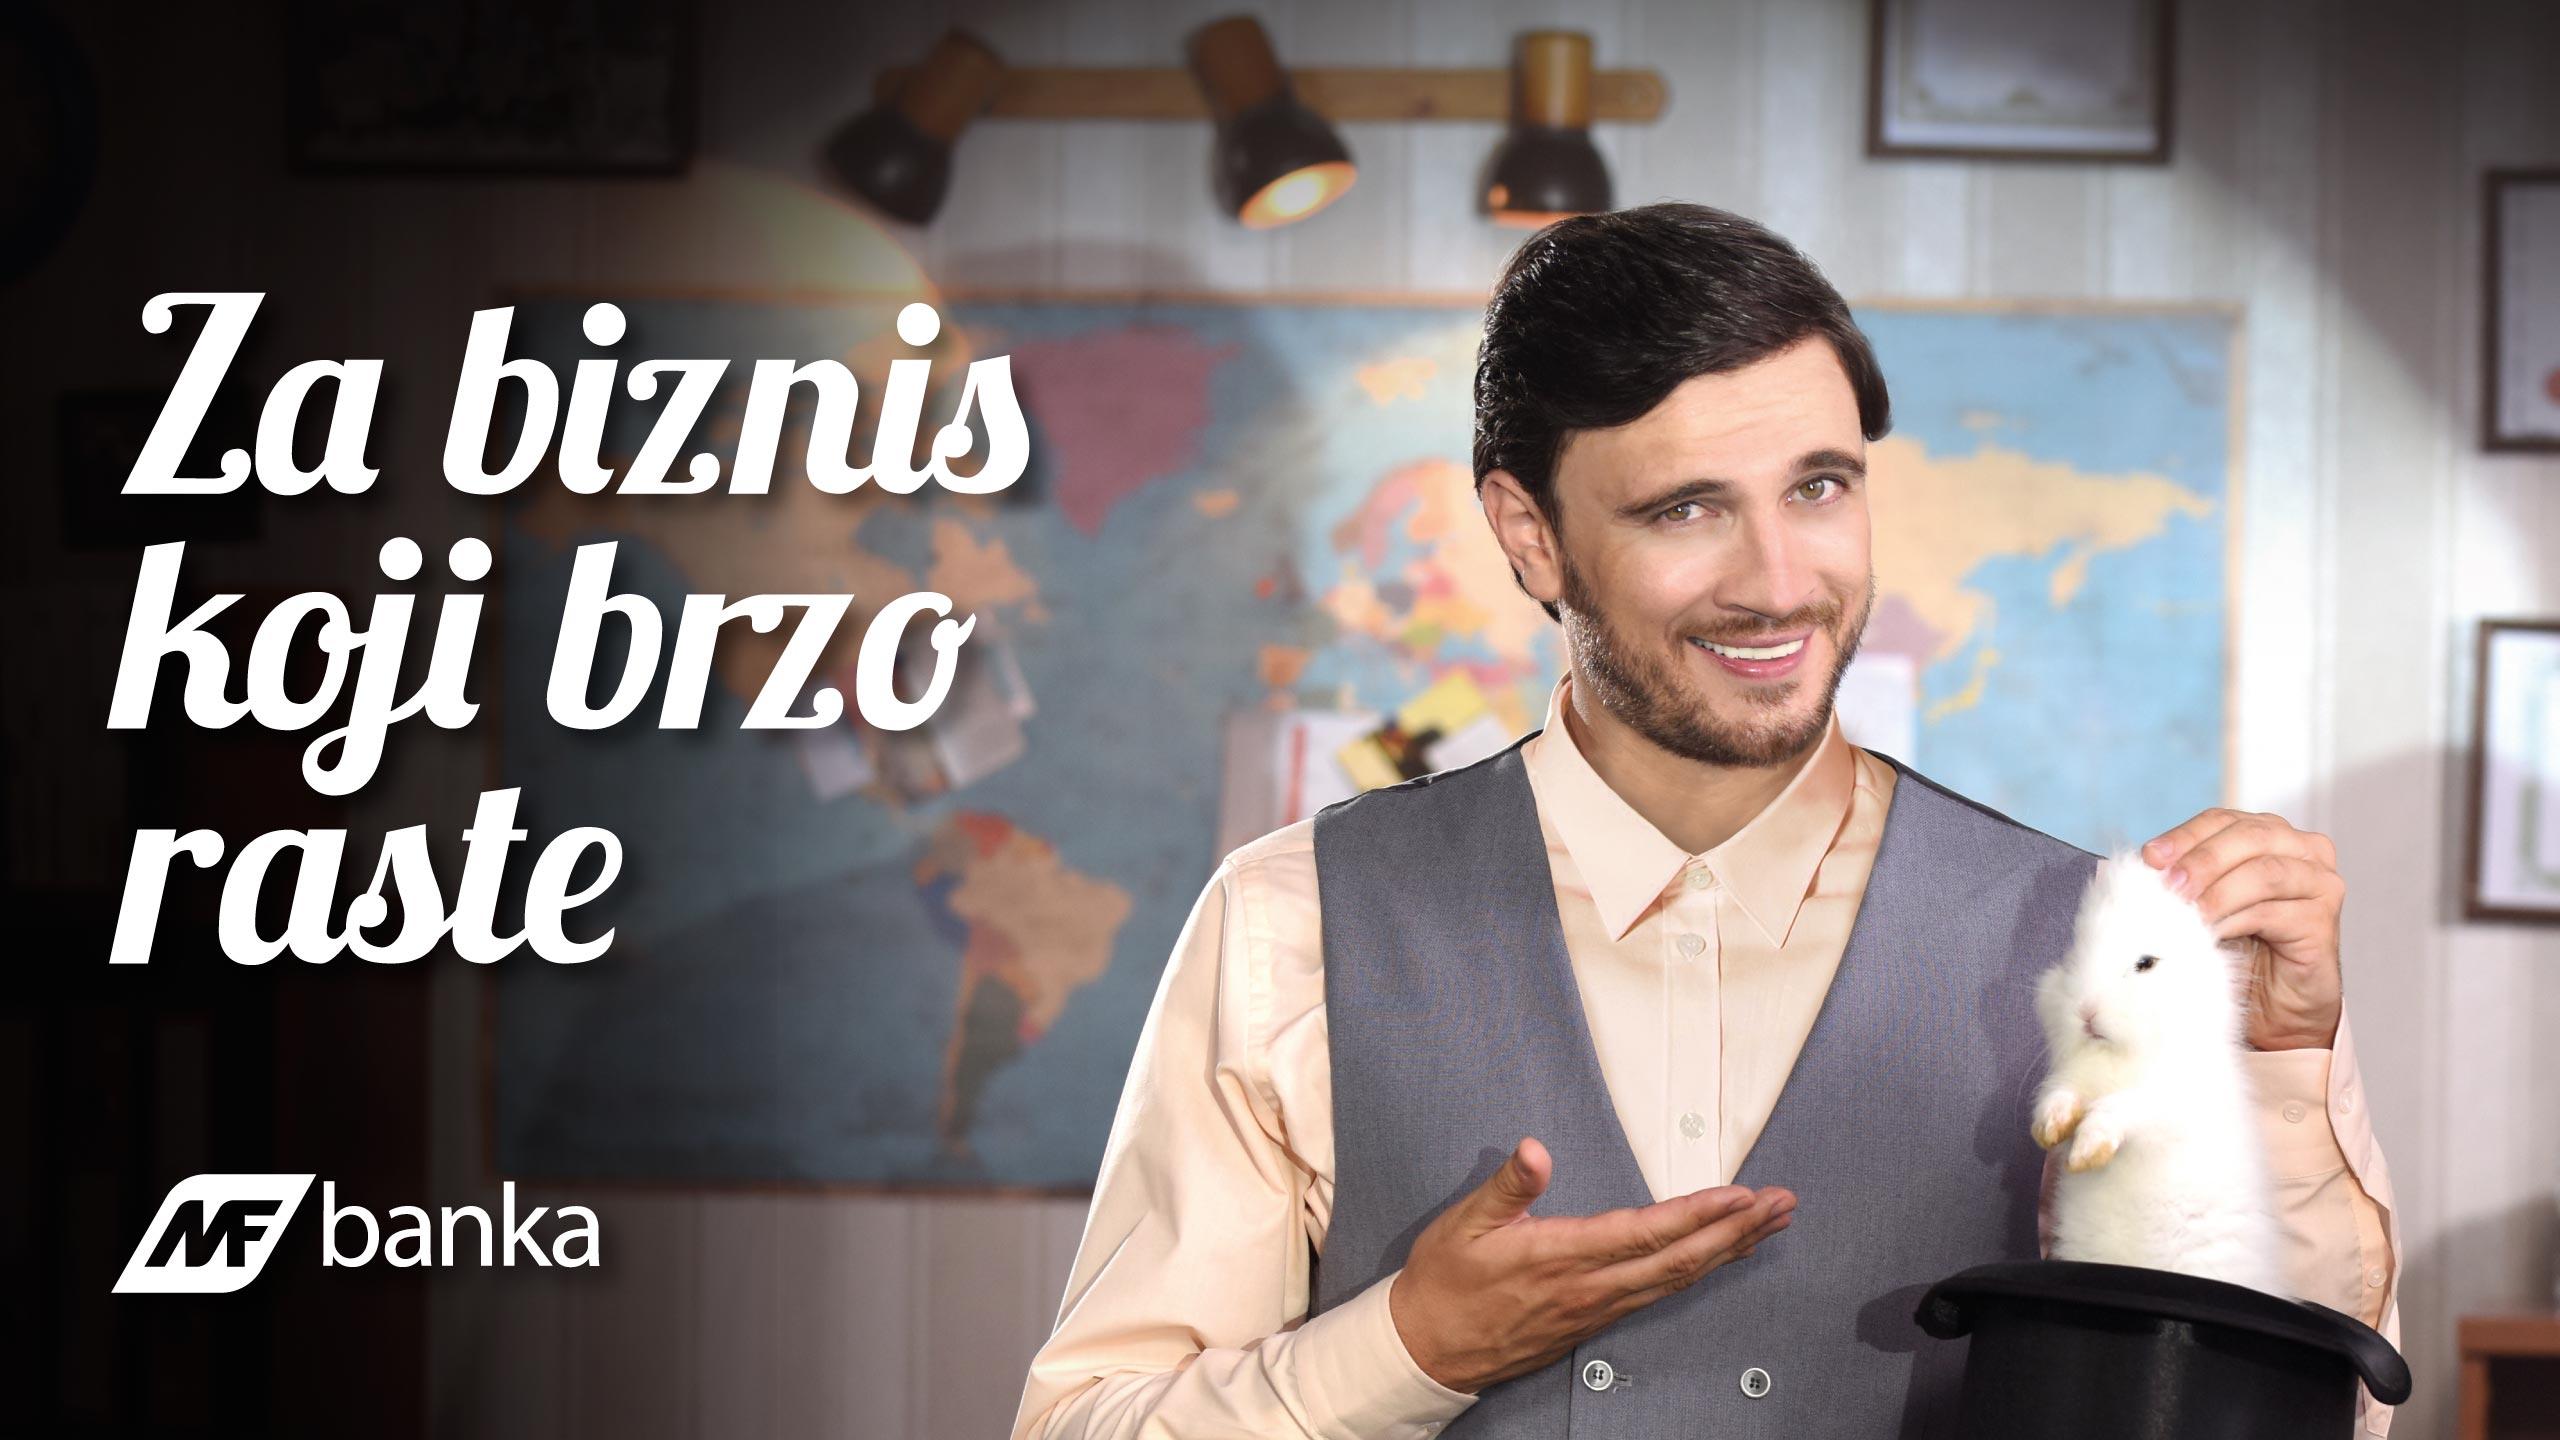 MF banka | Agencija AQUARIUS | Banja Luka